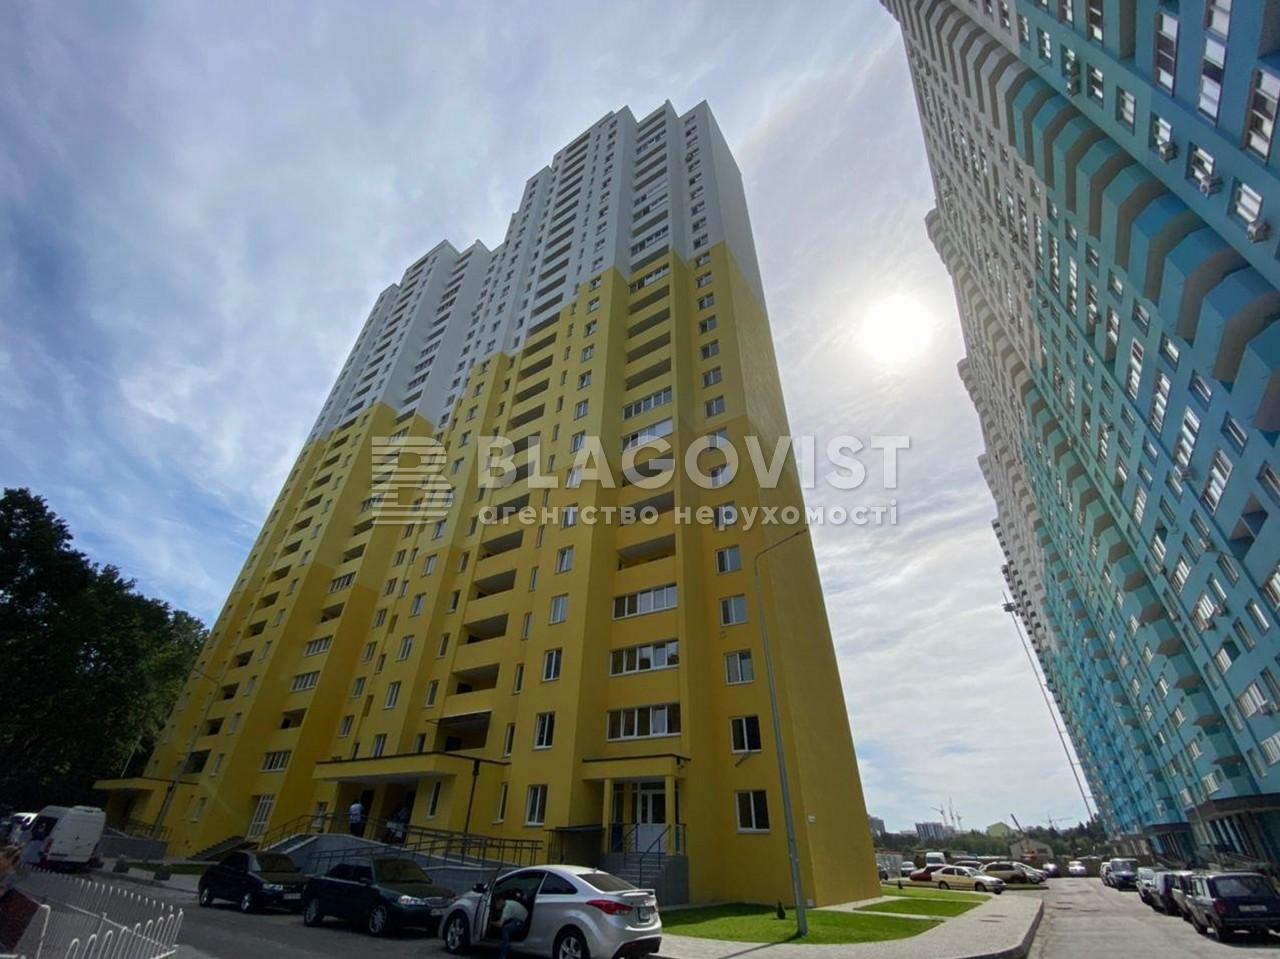 Квартира R-34951, Пригородная, 26б, Новоселки (Киево-Святошинский) - Фото 1